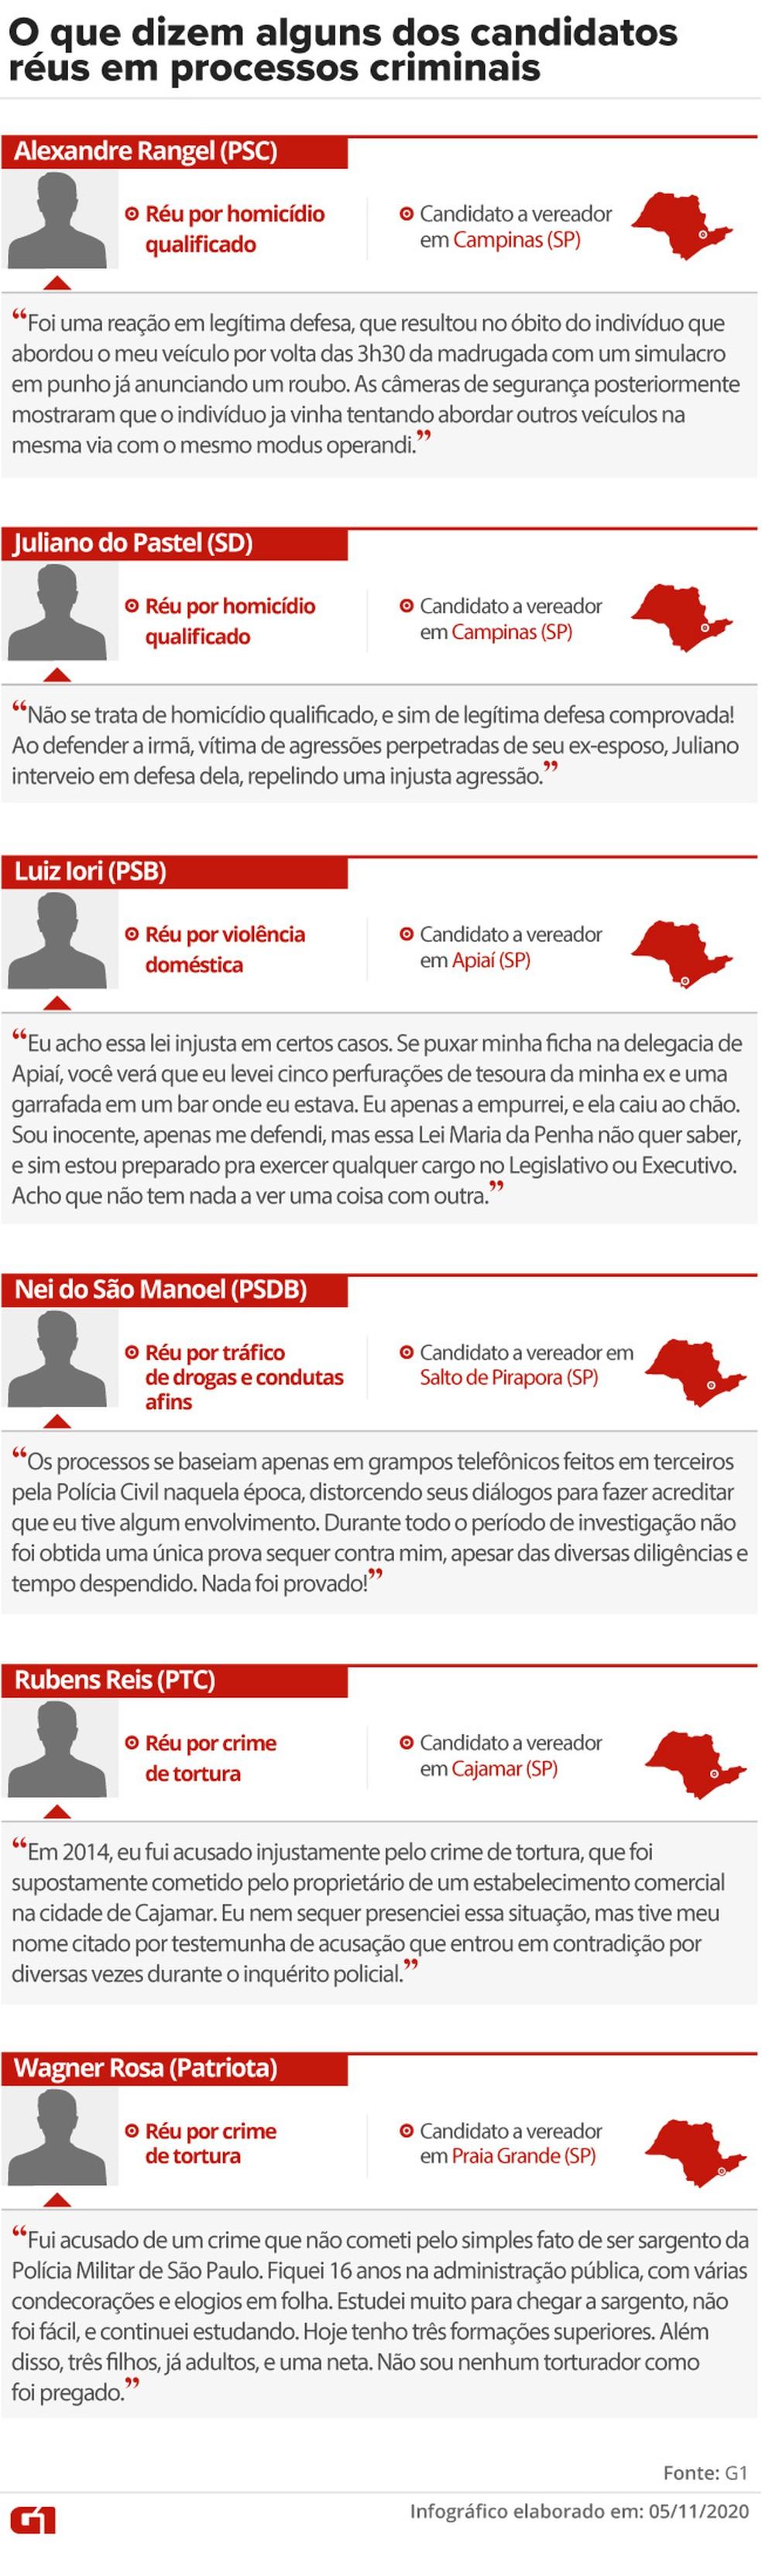 O que dizem alguns dos candidatos réus em processos criminais — Foto: Aparecido Gonçalves / G1